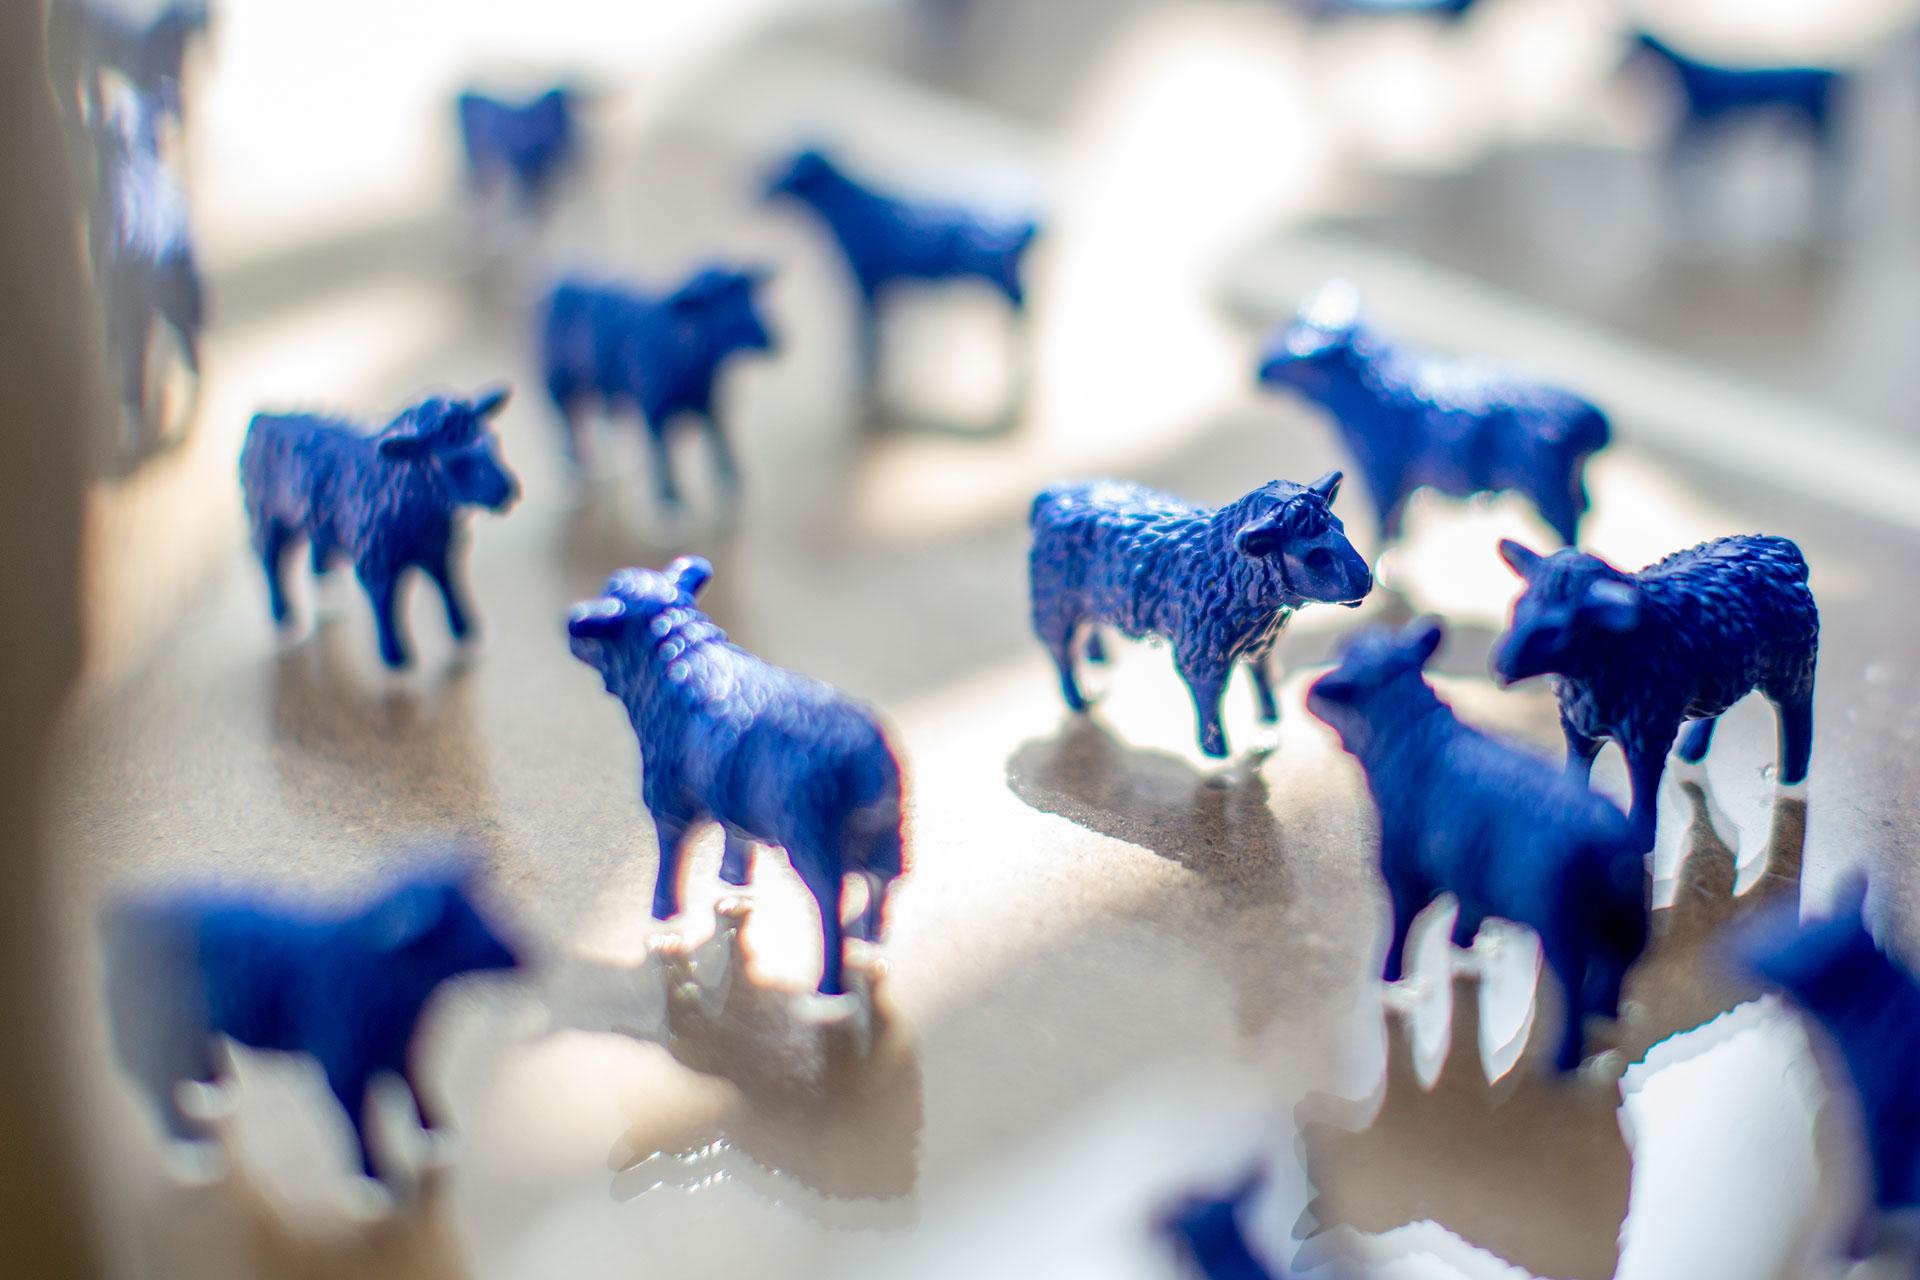 Bertamaria Reetz Künstlerin Koeln Beste GAG Immobilien AG Blauschäferei Blaue Schafe Friedensschafe Jecke Hühner